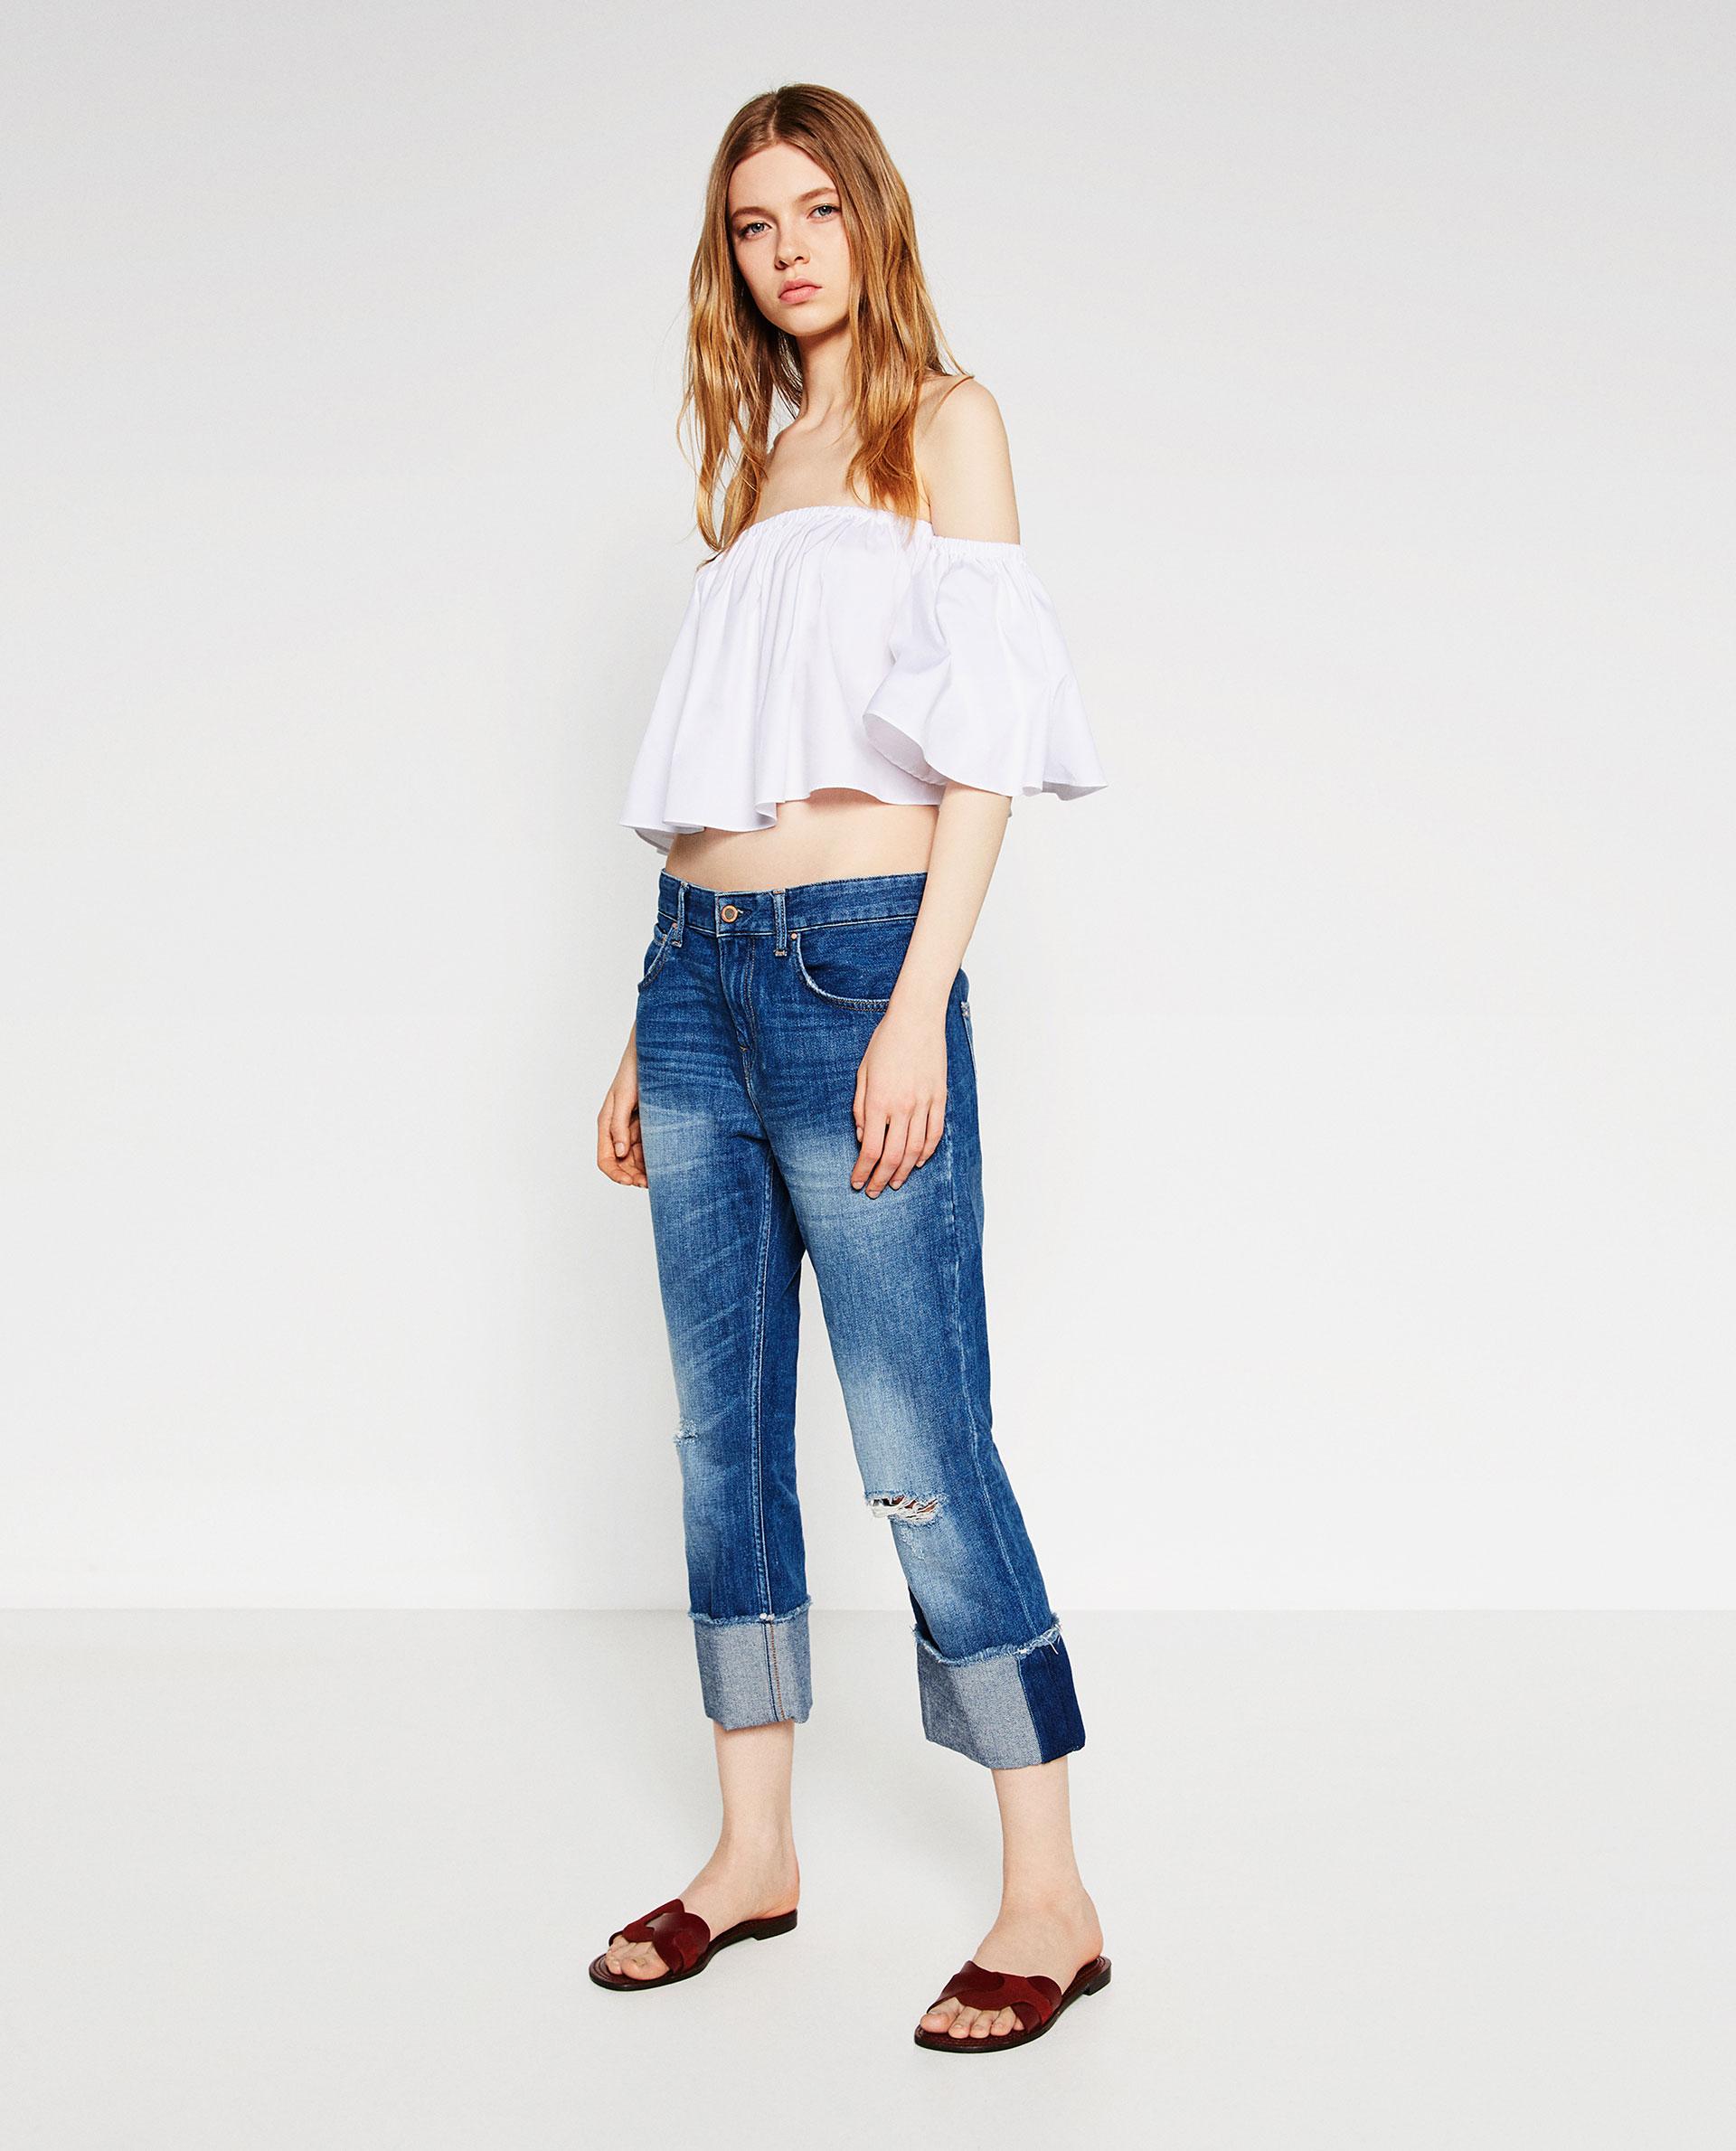 Jeans boyfriend a chi stanno bene? | DireDonna